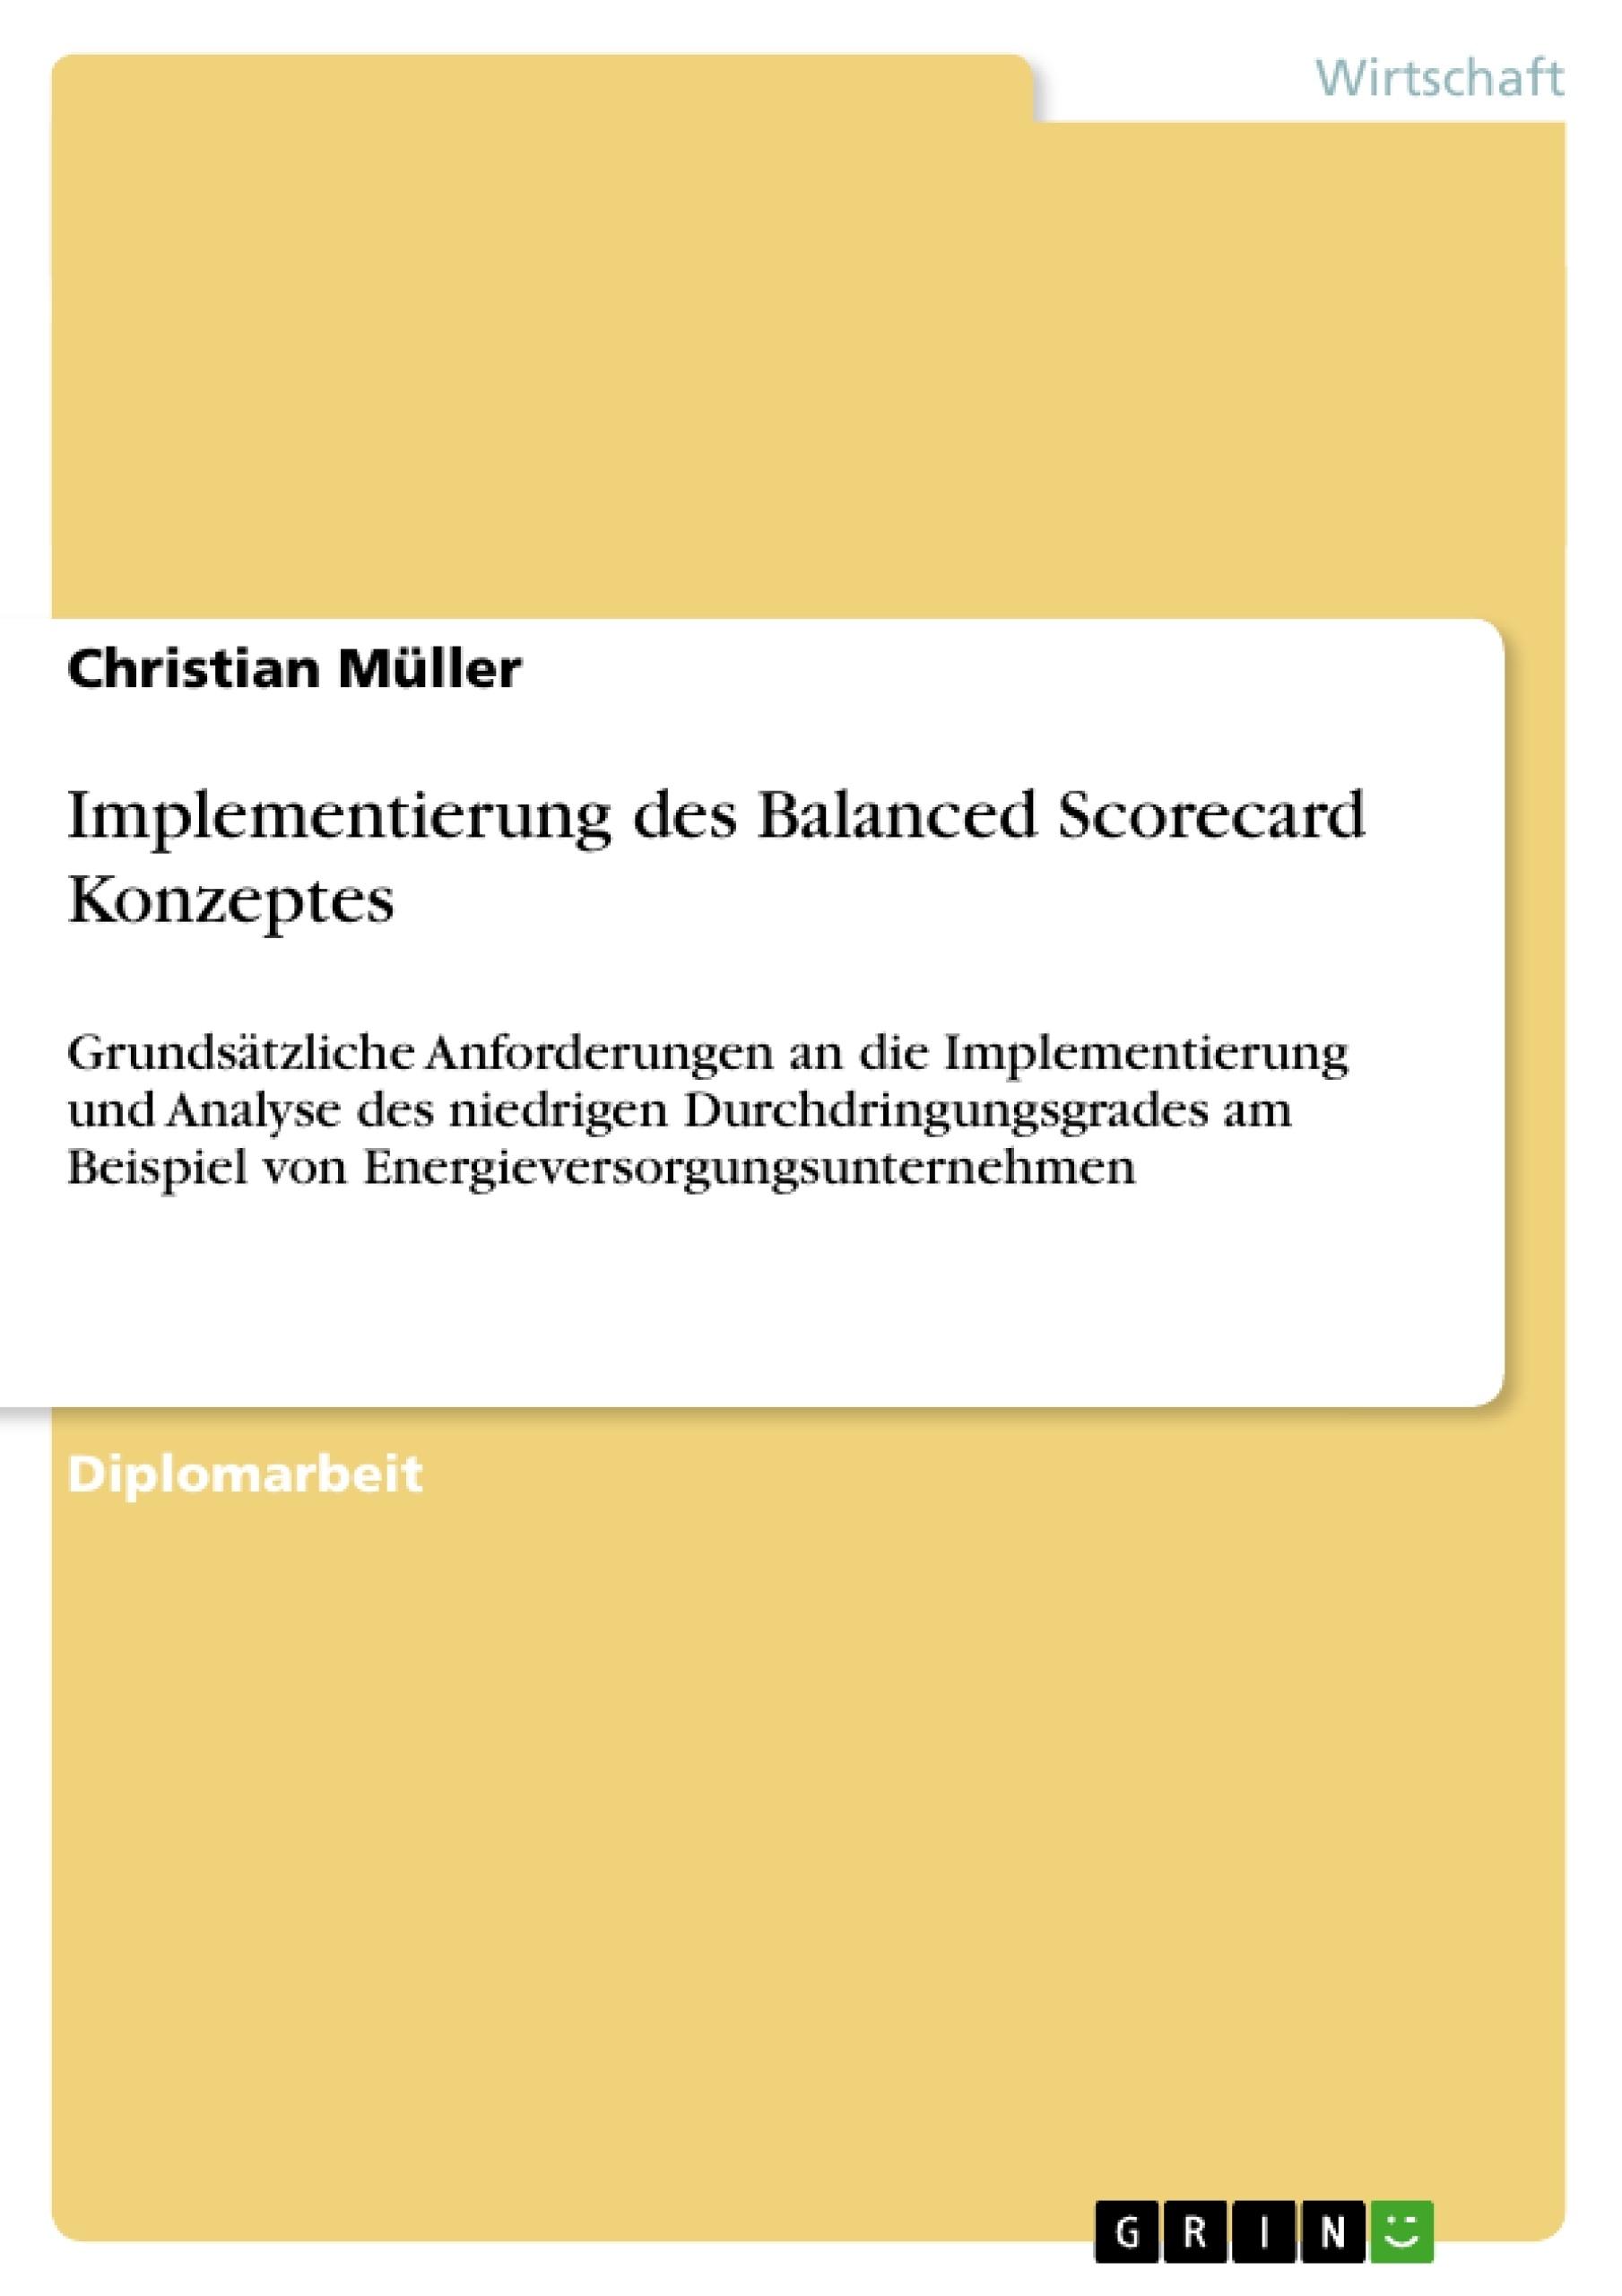 Titel: Implementierung des Balanced Scorecard Konzeptes